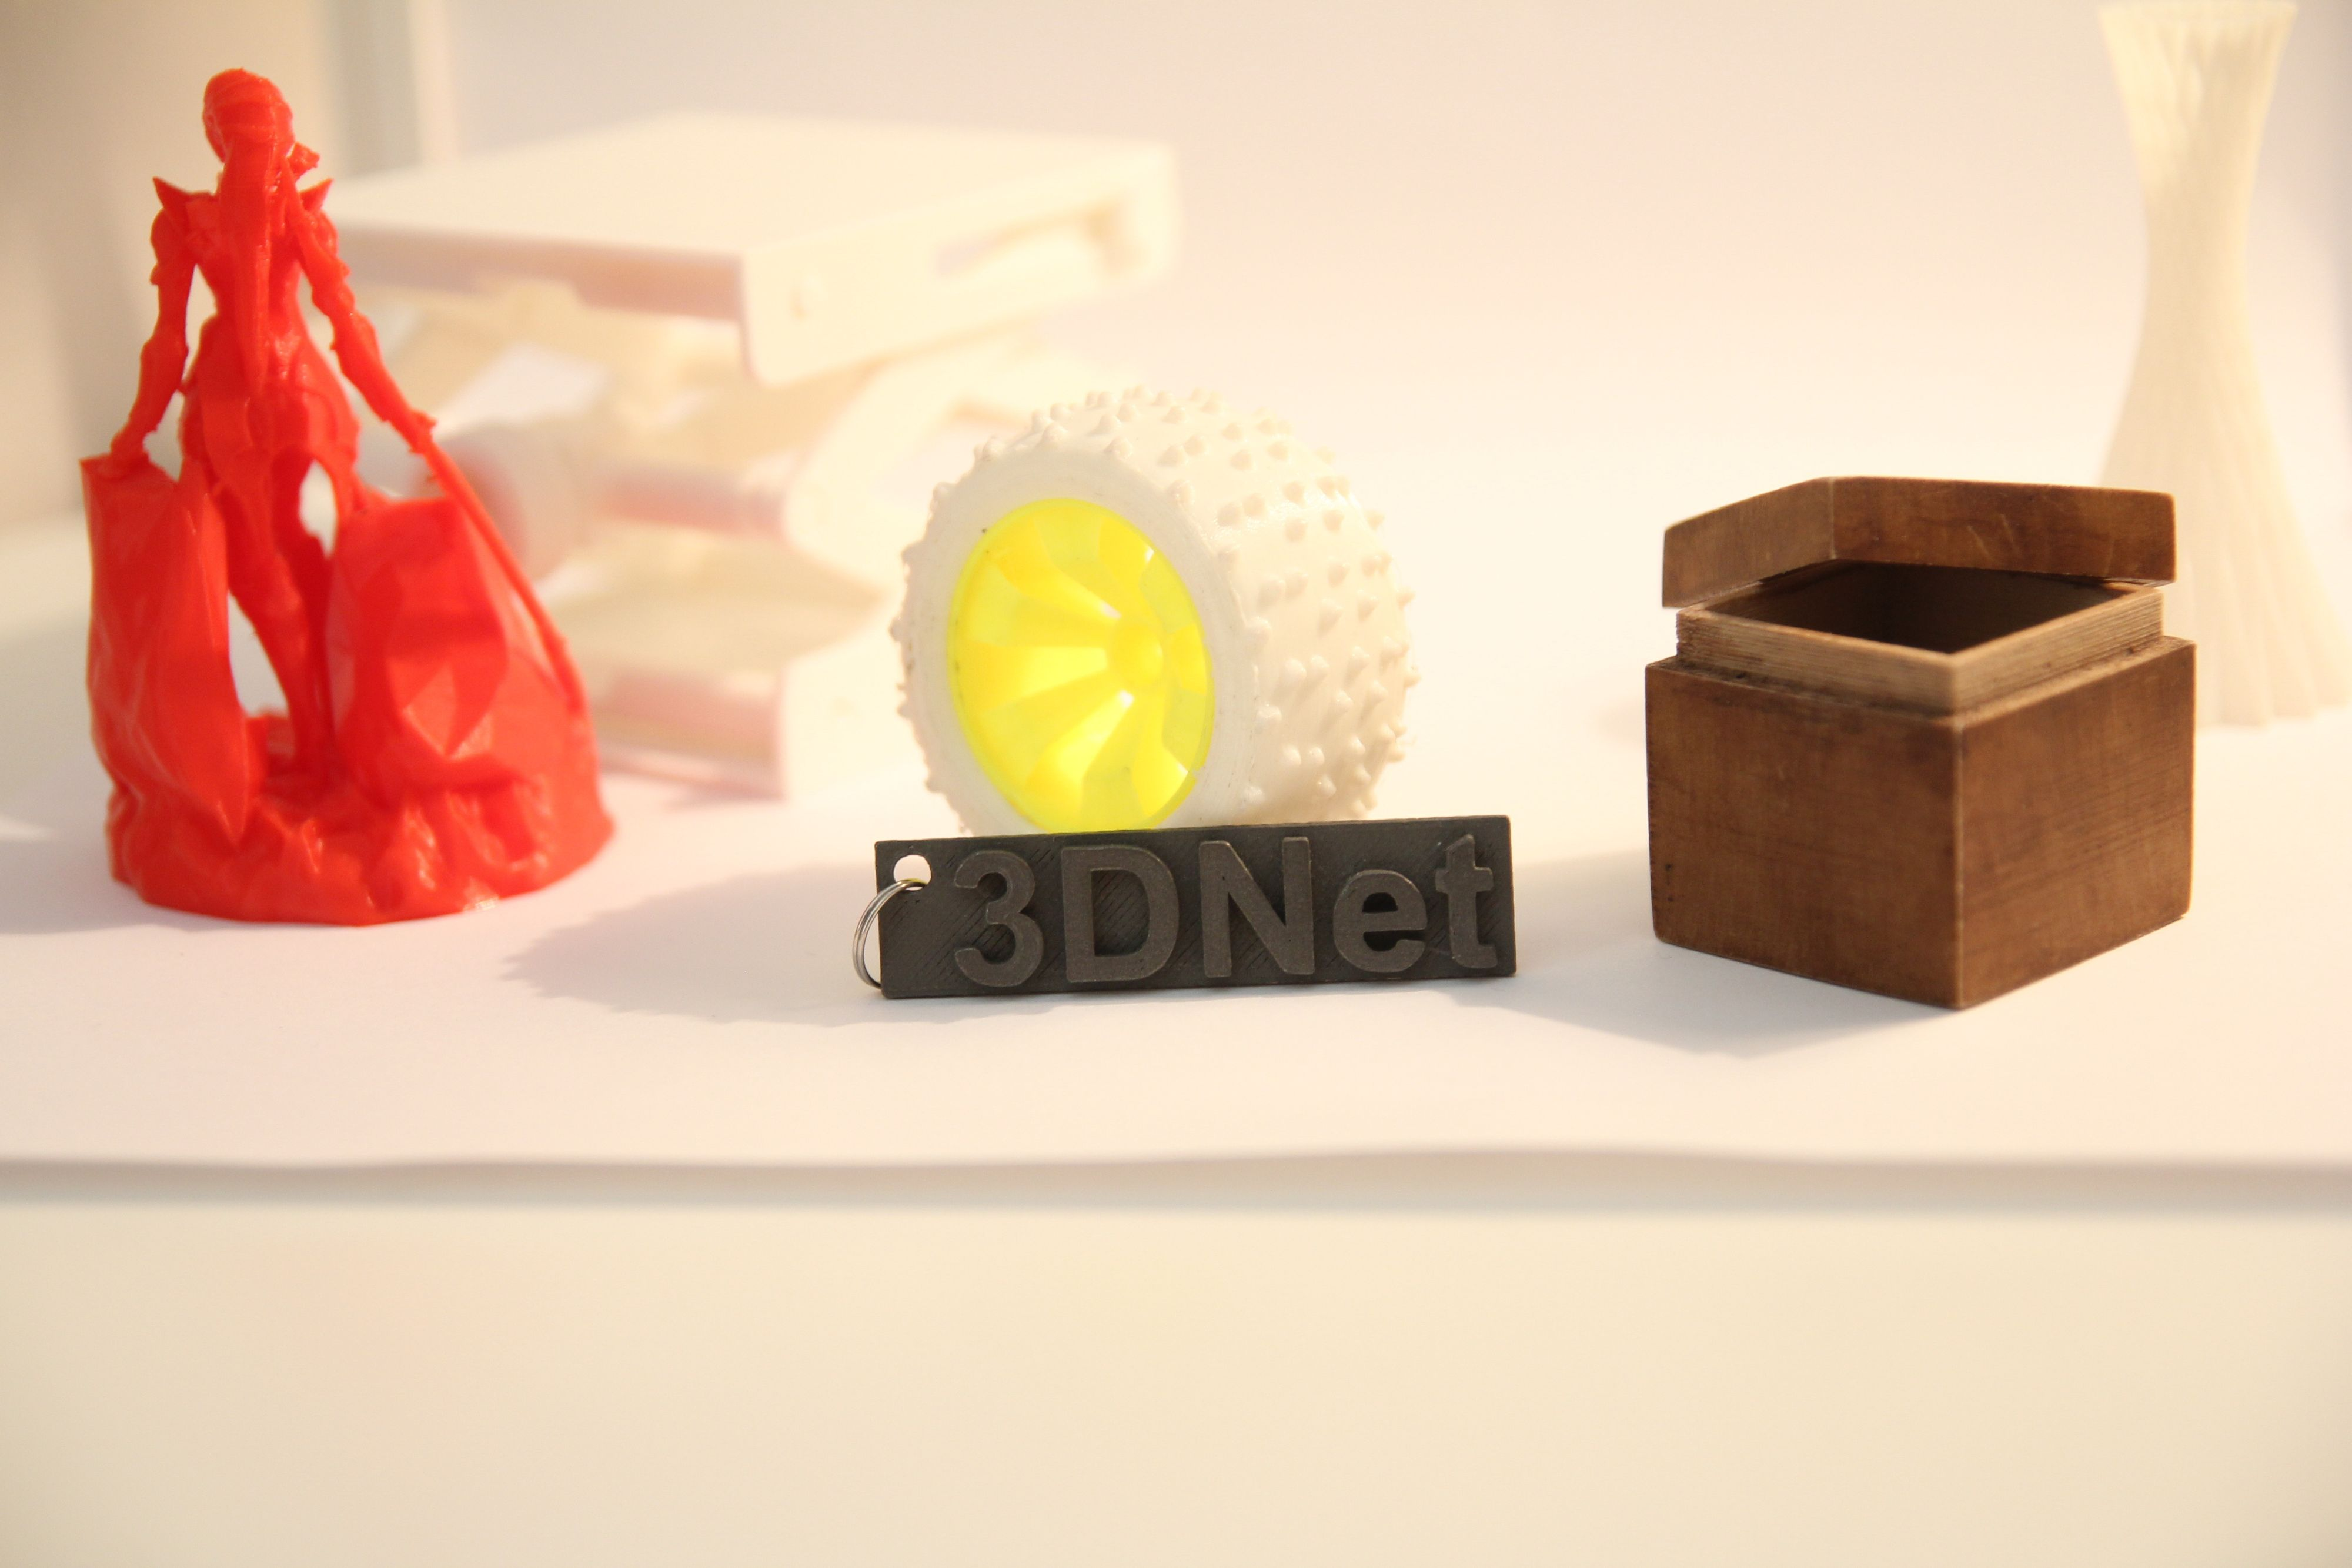 Ulike eksempler på 3D-skrevne objekter. Et hjul til en RC-bil, klart for montering. Det lille skiltet med 3Dnet-logoen er laget med et filament som består av 30 prosent rustfritt stål. Den lille boksen kjennes ut som om den er av tre, og filamentet består da også av 30 prosent trevirke.